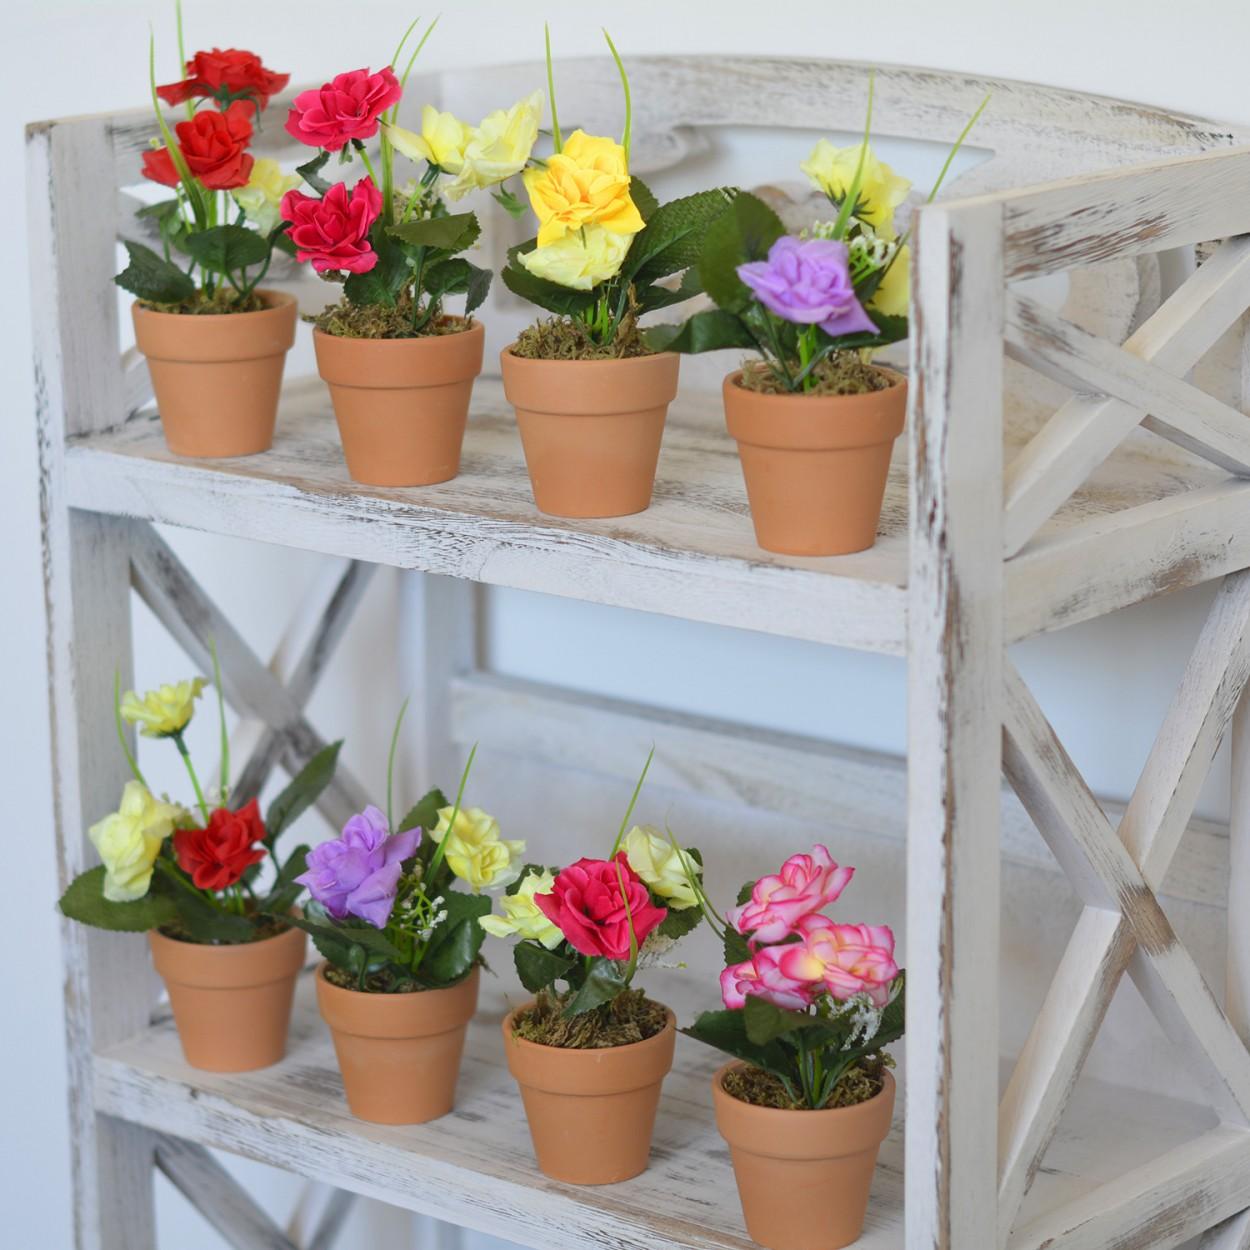 Planta artificial flores rosas y blanca en maceta de barro - Flores de maceta ...